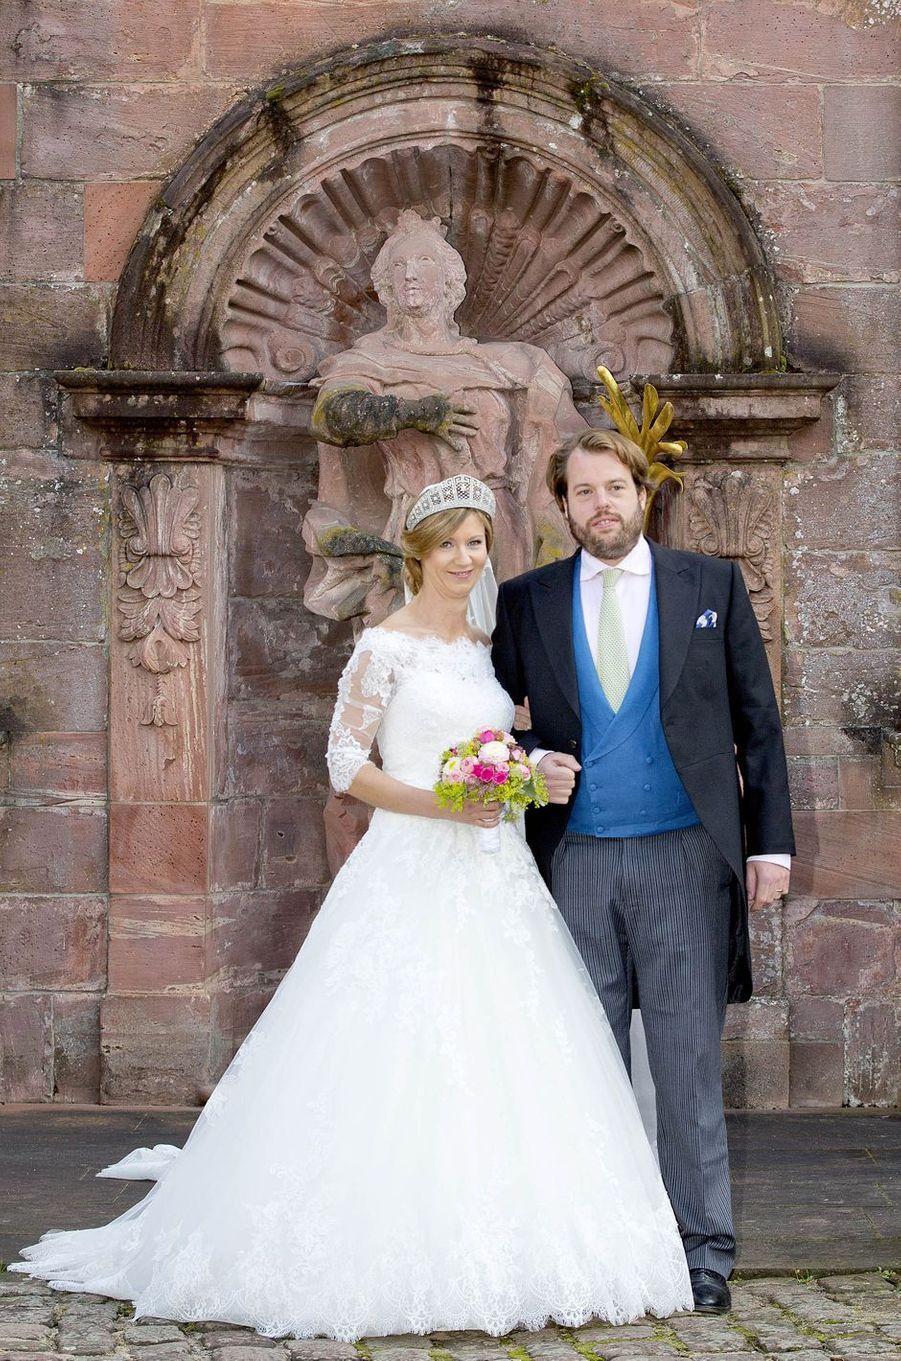 La princesse Viktoria Luise de Prusse et le prince Ferdinand de Leiningen, le jour de leur mariage, le 16 septembre à Amorbach